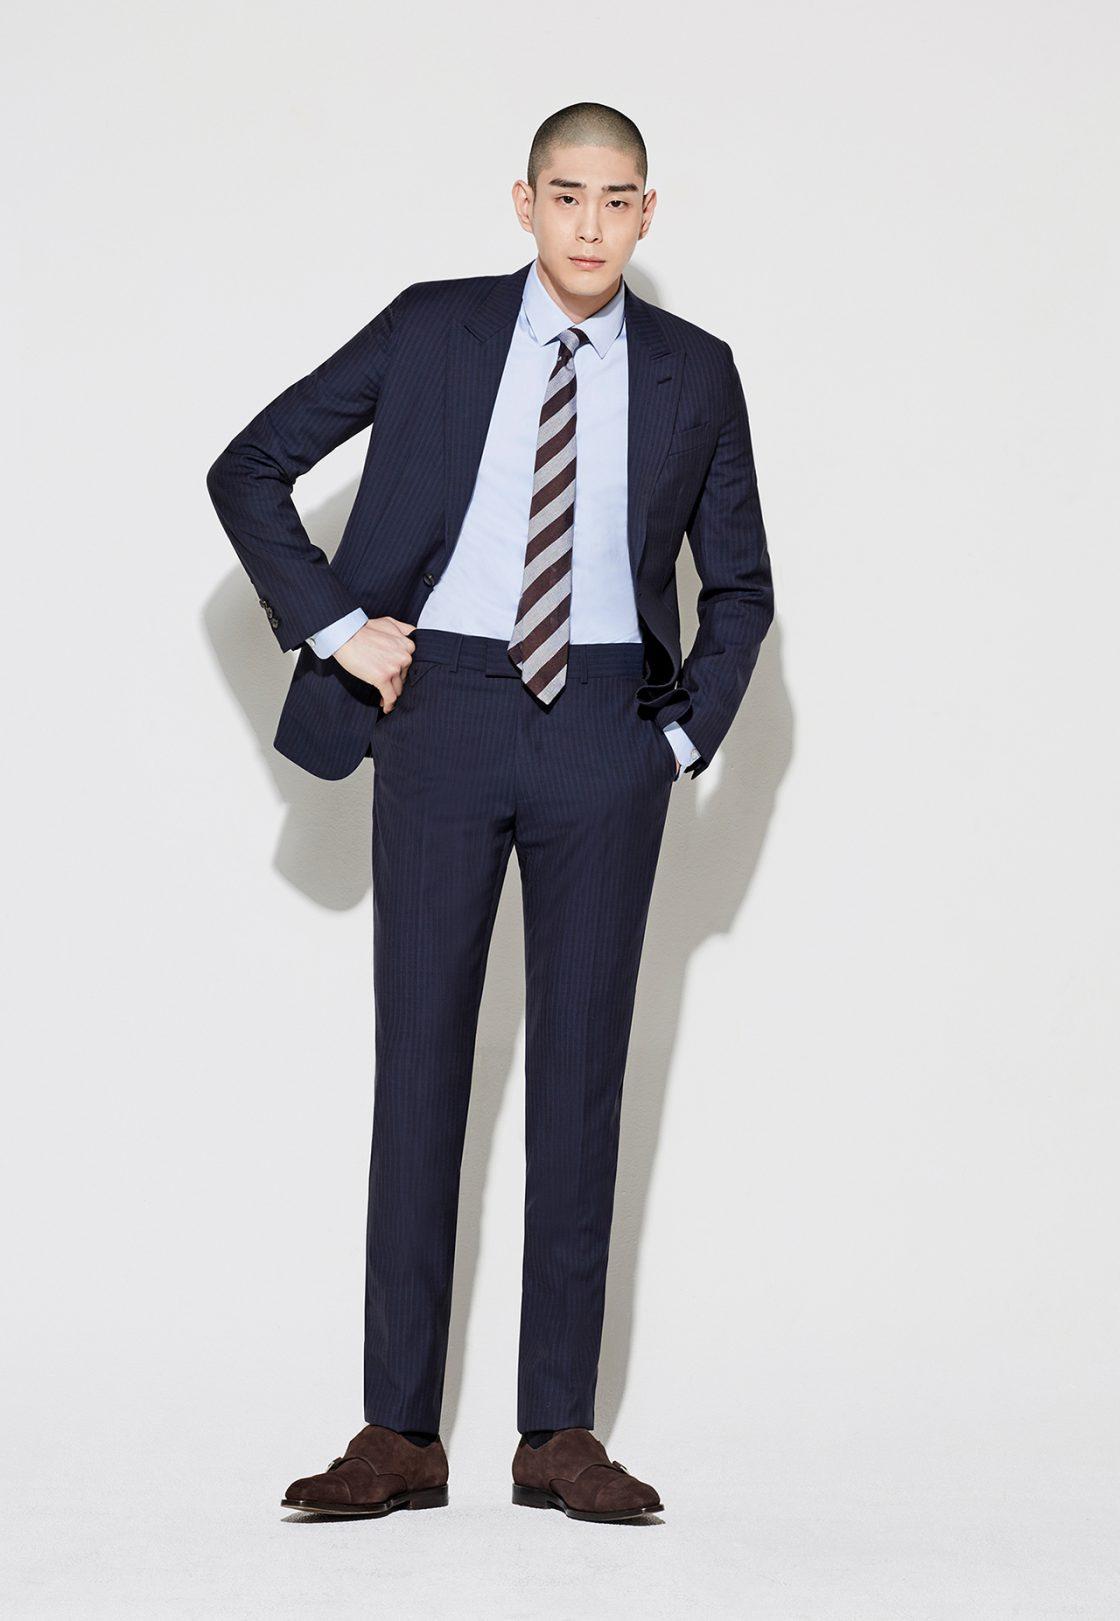 남색 슈트, 셔츠, 바지 모두 가격 미정 루이비통. 레지멘탈 타이 가격 미정 라르디니 by 신세계인터내셔날. 스웨이드 몽크 스트랩 구두 가격 미정 푼크트